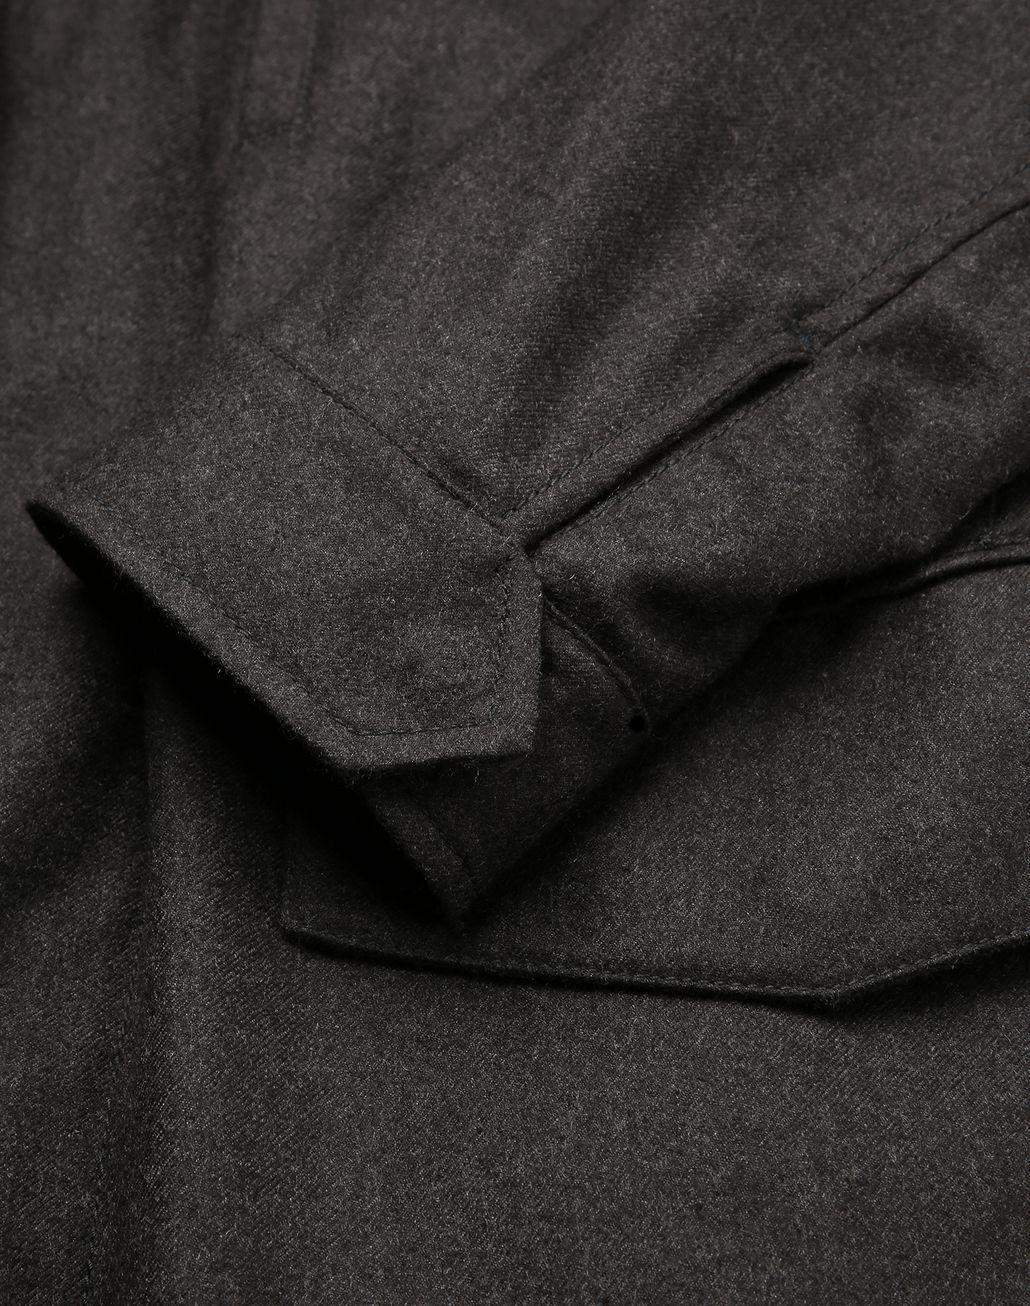 BRIONI Field Jacket Antracite Cappotti & Impermeabili Uomo a